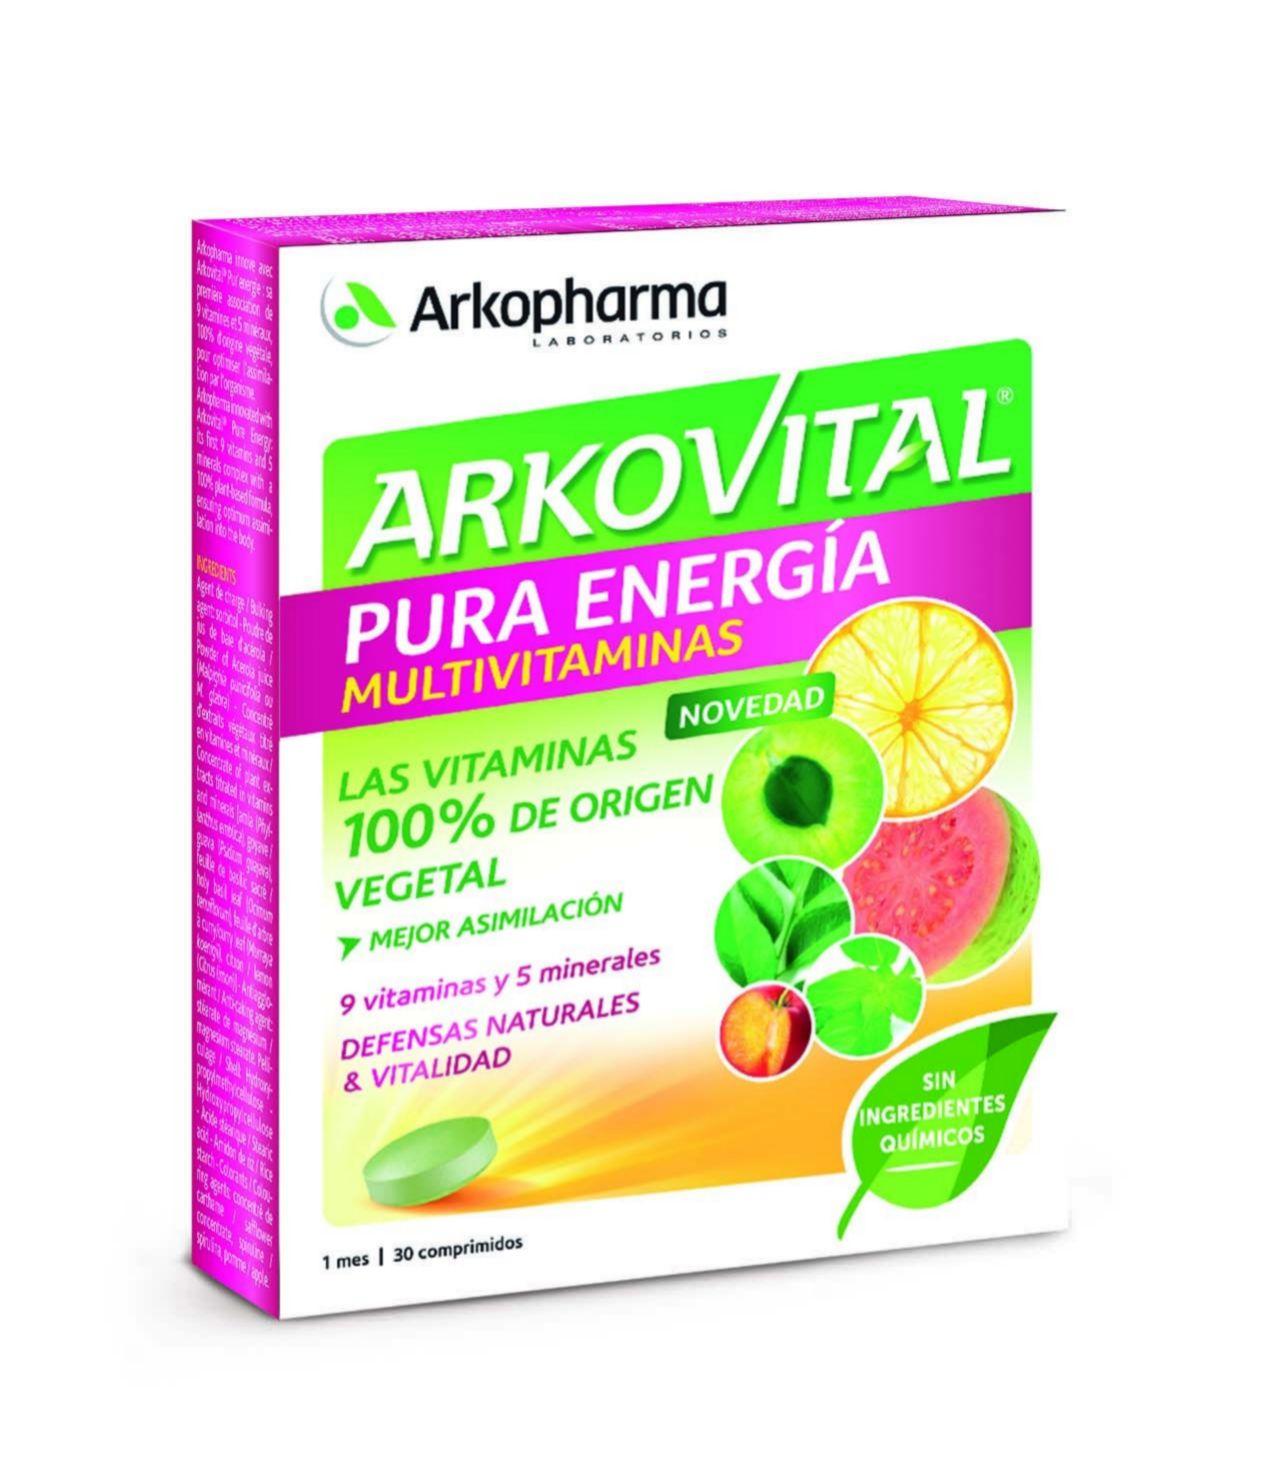 Arkovital Pura Energía, Arkopharma. Con vitaminas 100% de origen natural (13,90 euros).